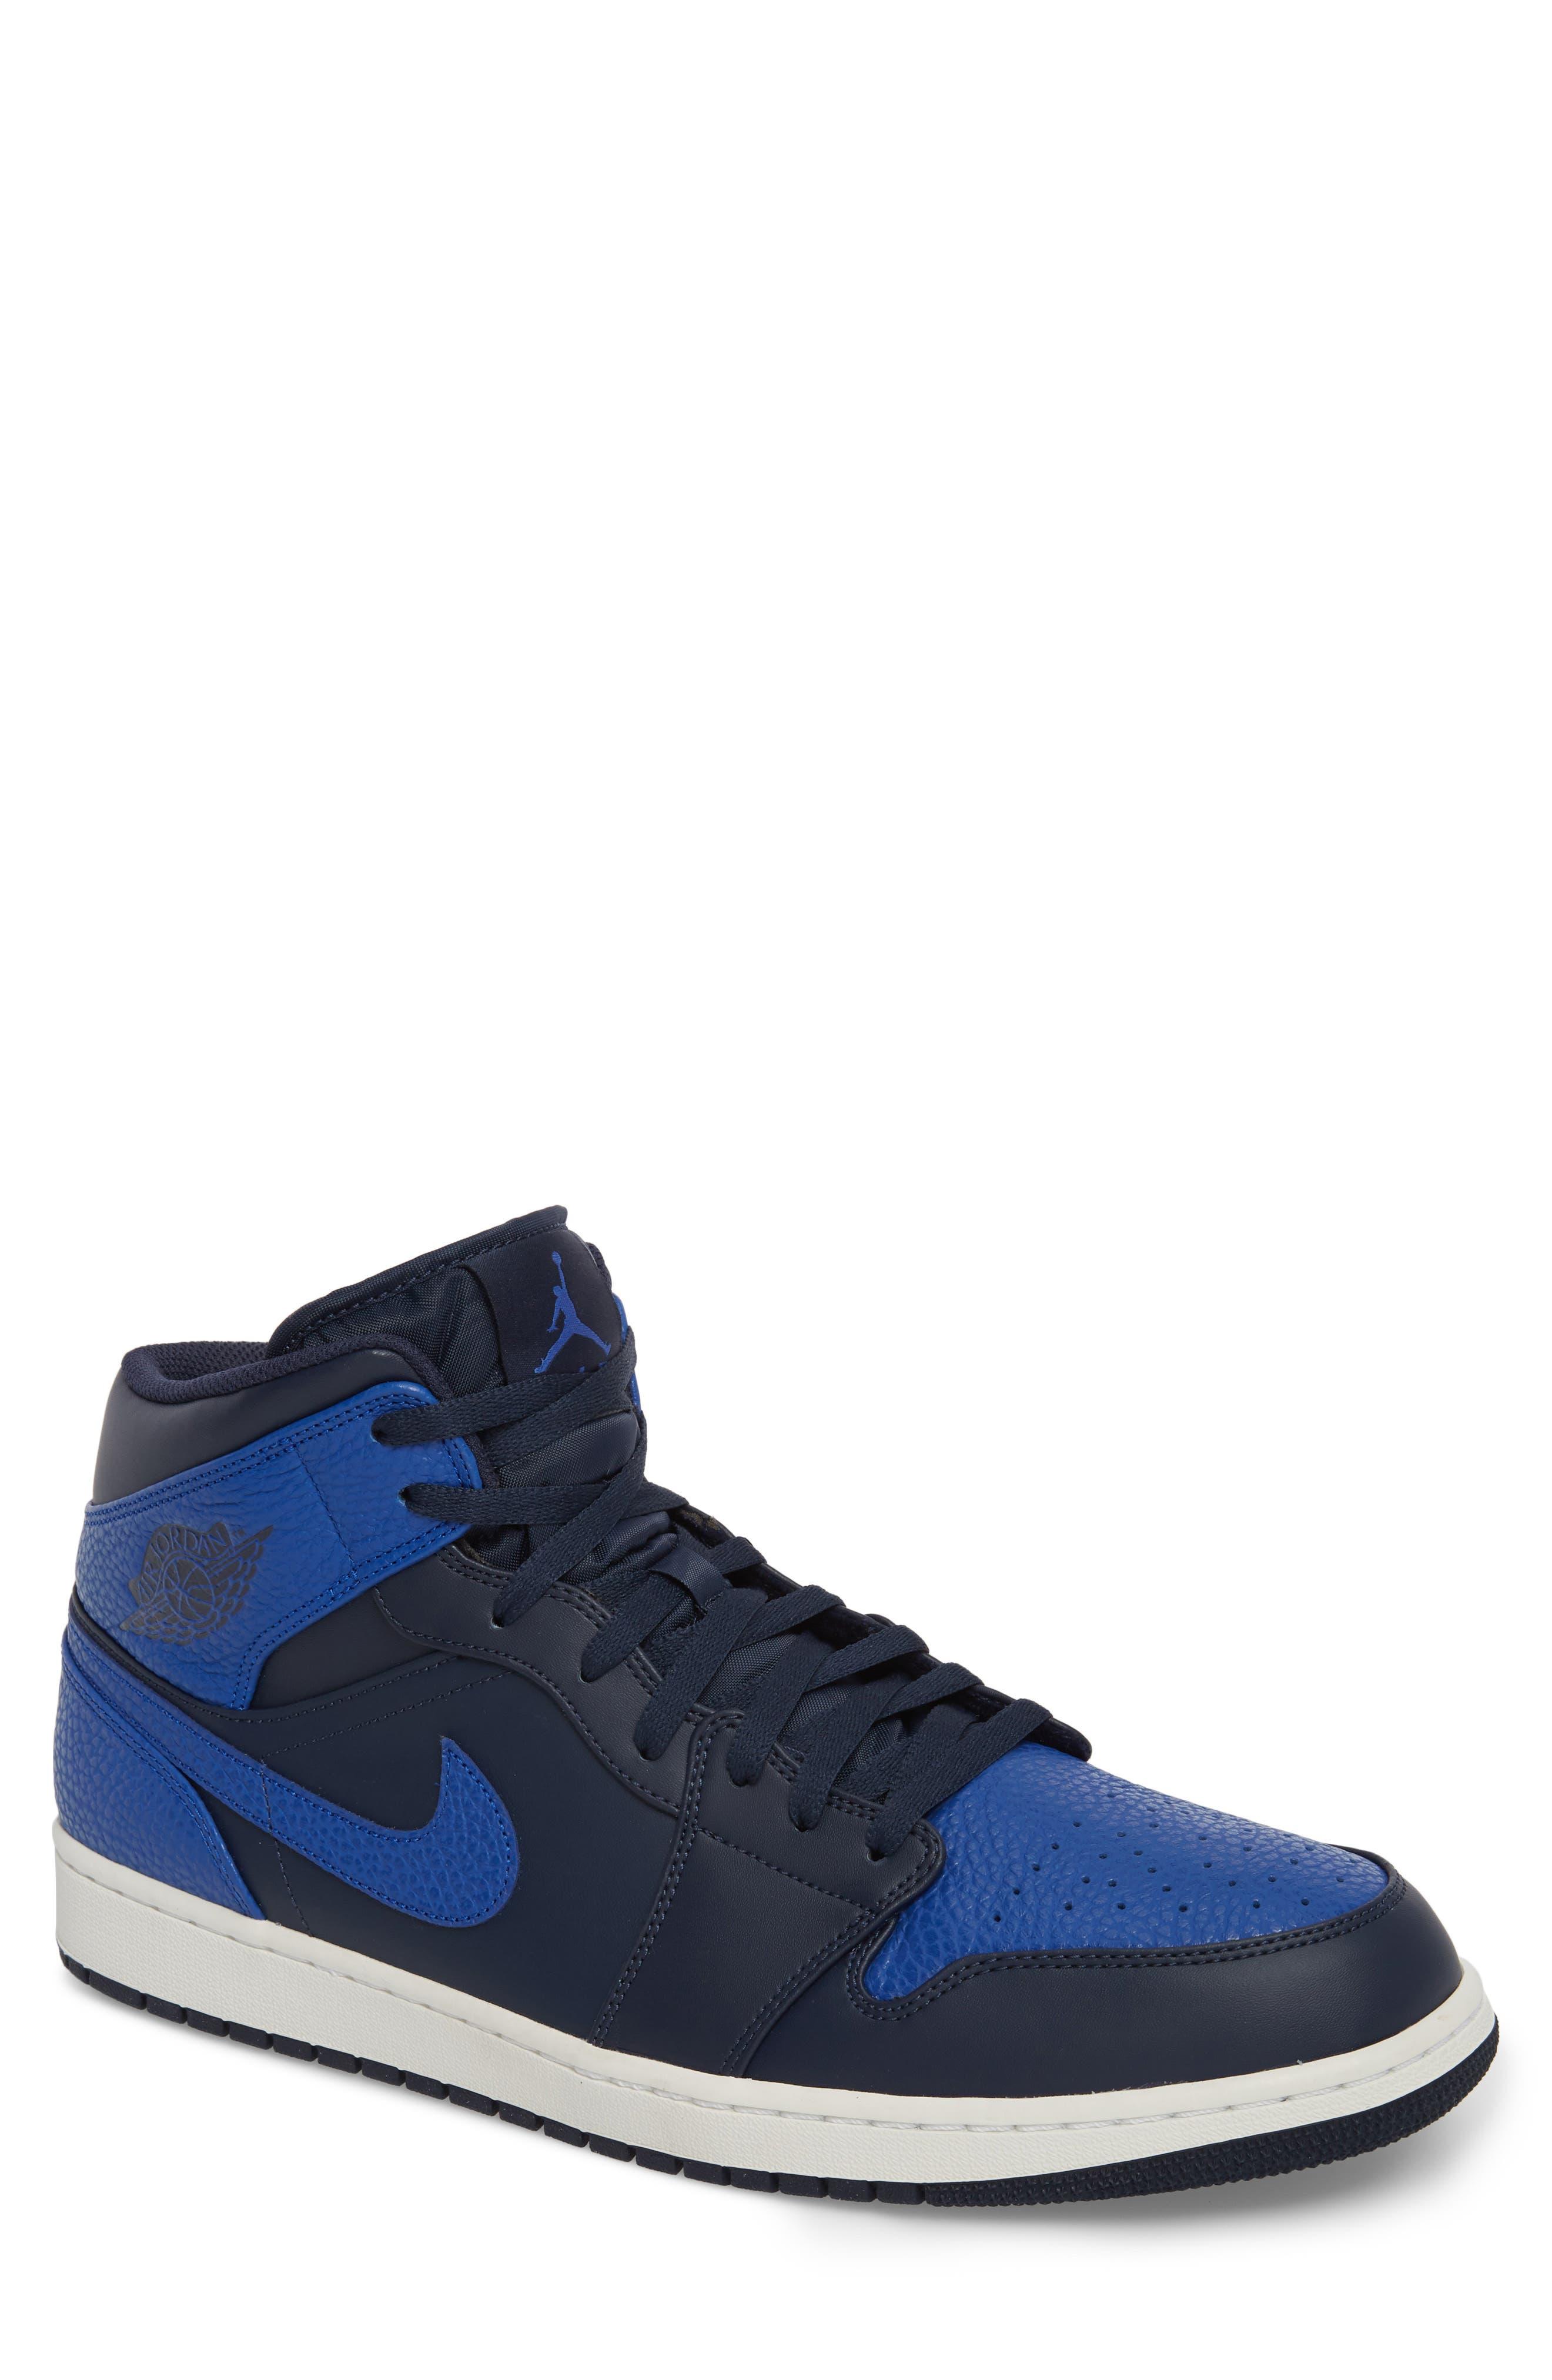 Nike \u0027Air Jordan 1 Mid\u0027 Sneaker (Men)